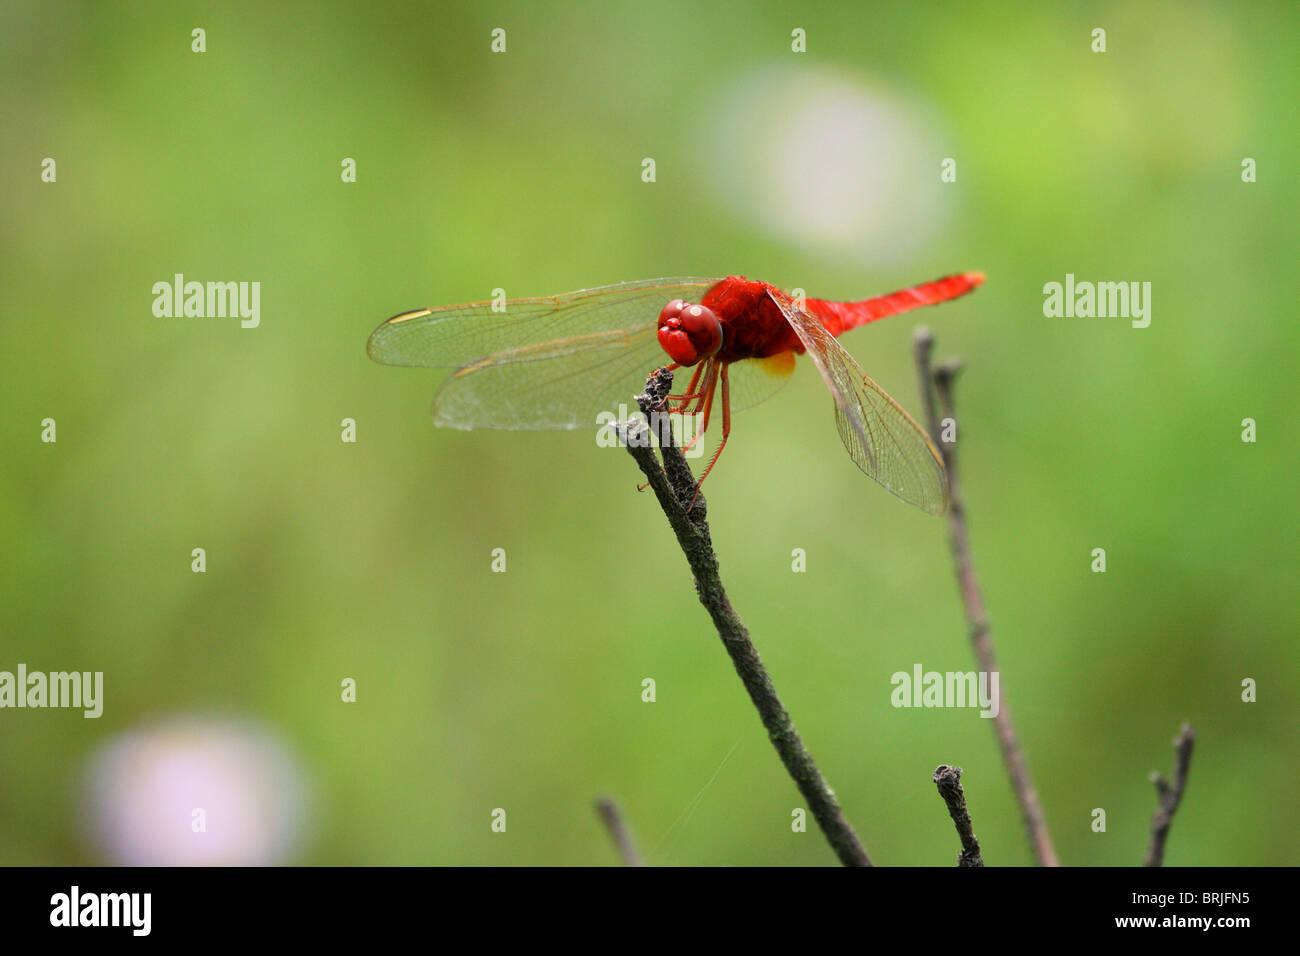 Rote Libelle sitzt auf einem stick Stockfoto